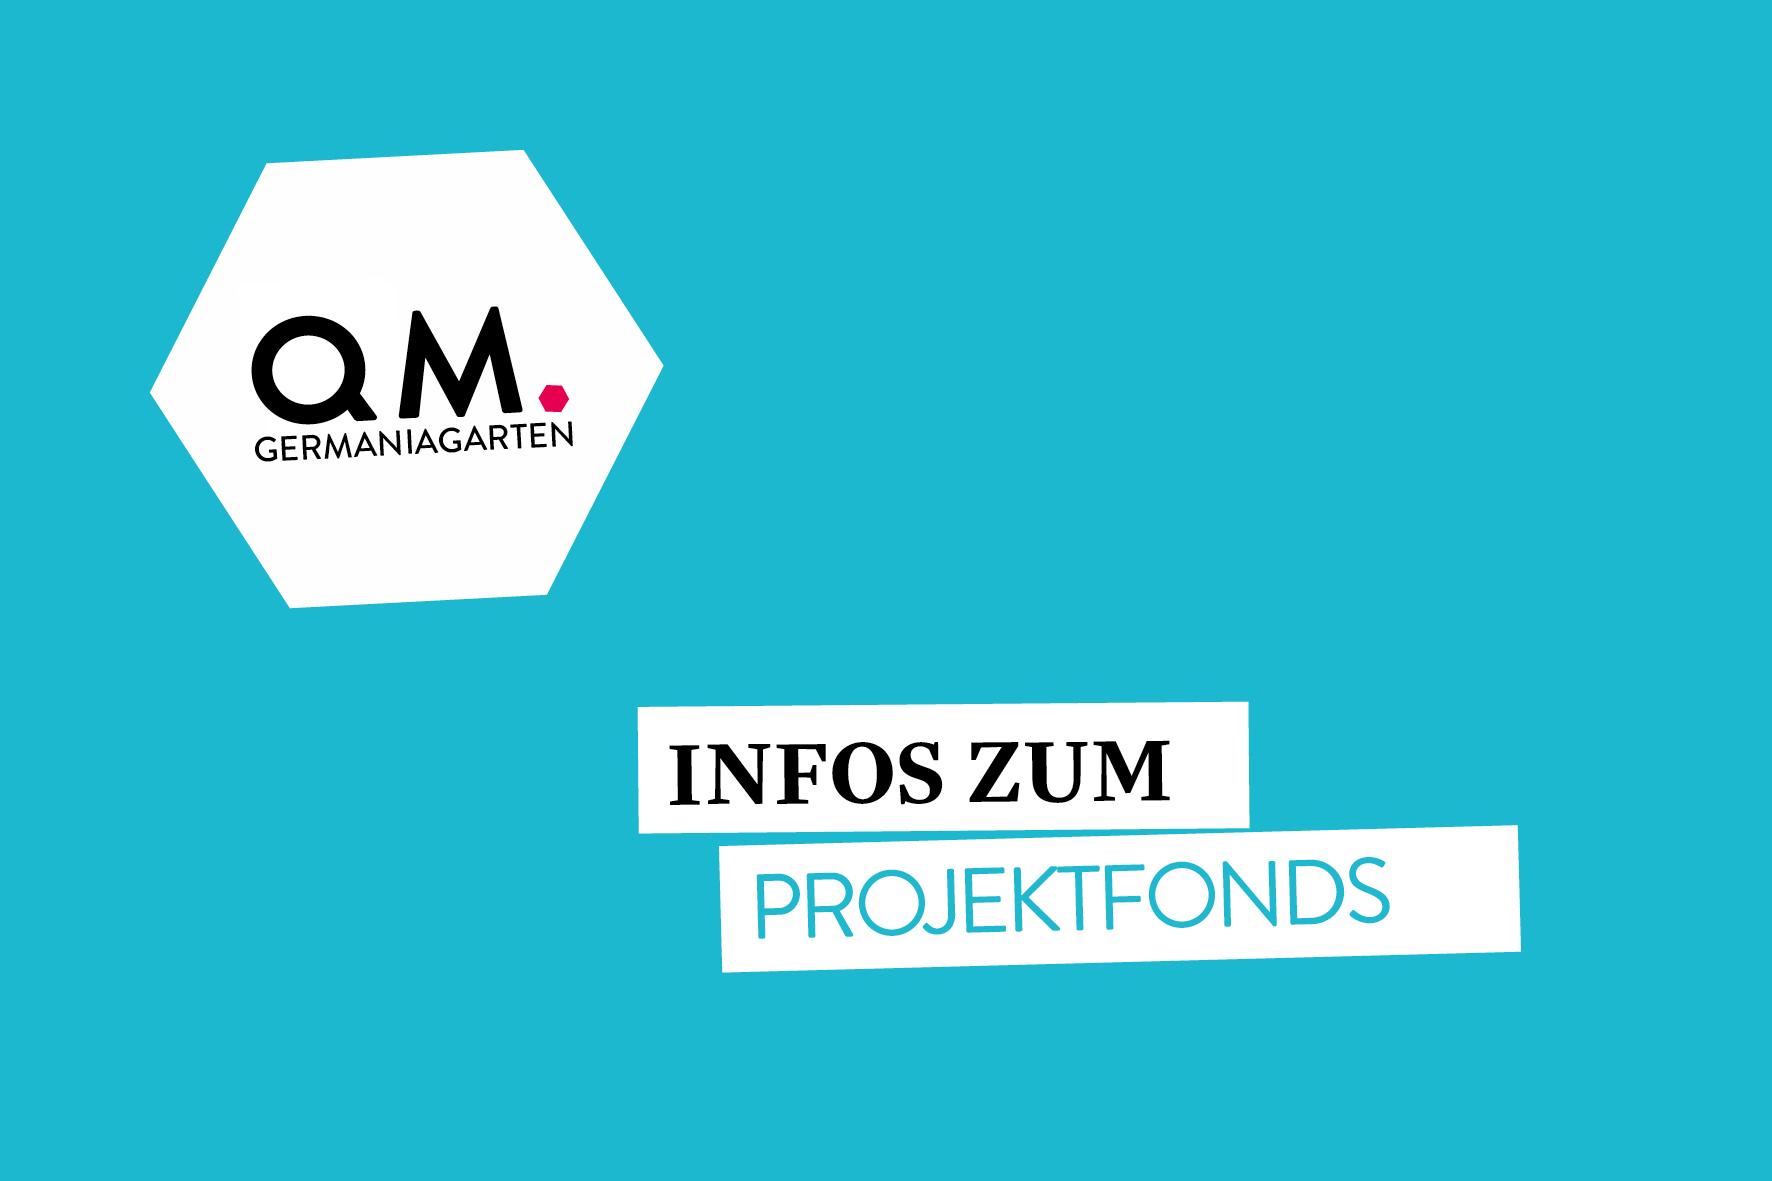 Nachgefragt: Was ist der Projektfonds?